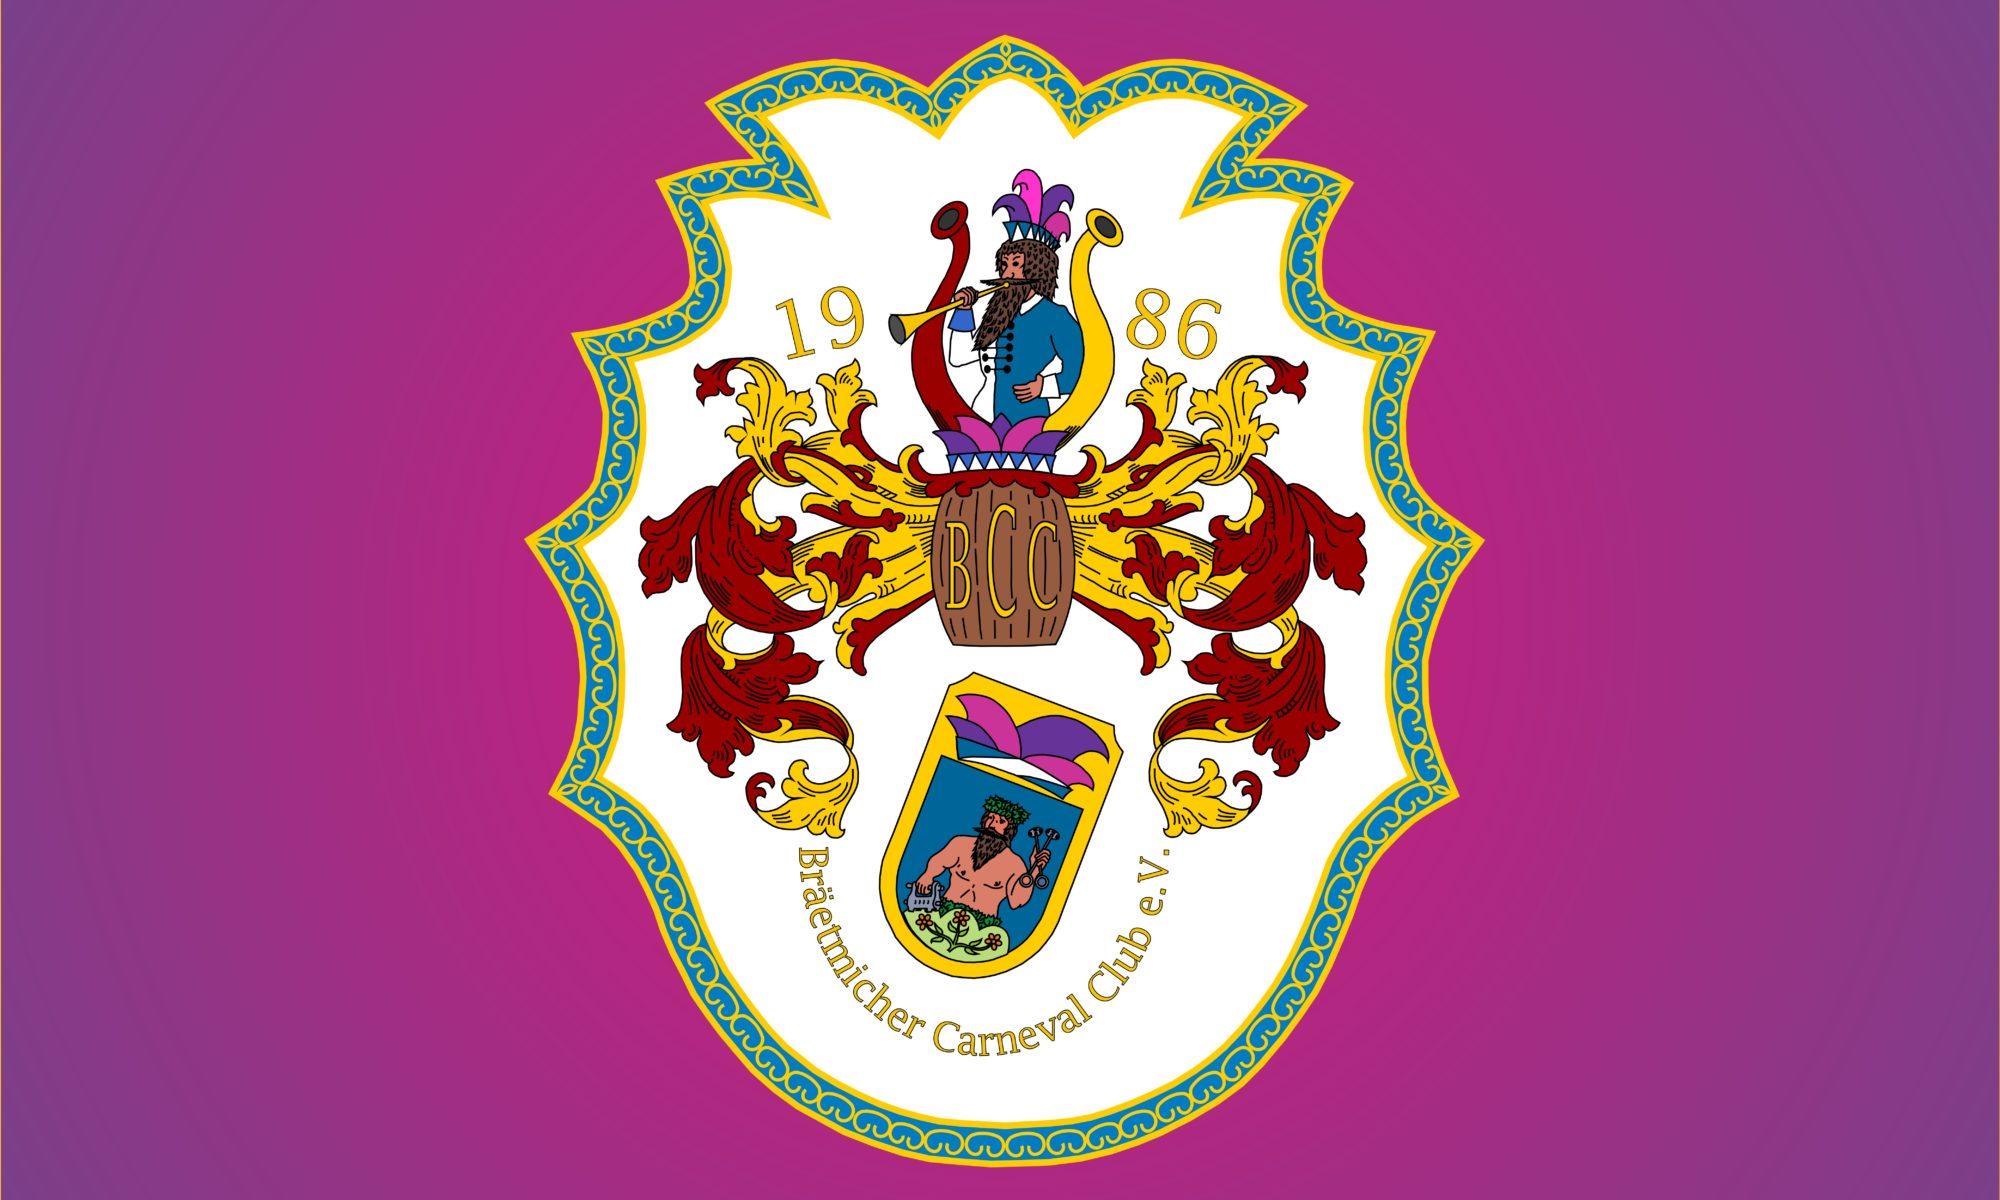 Bräétmicher Carneval Club e.V.